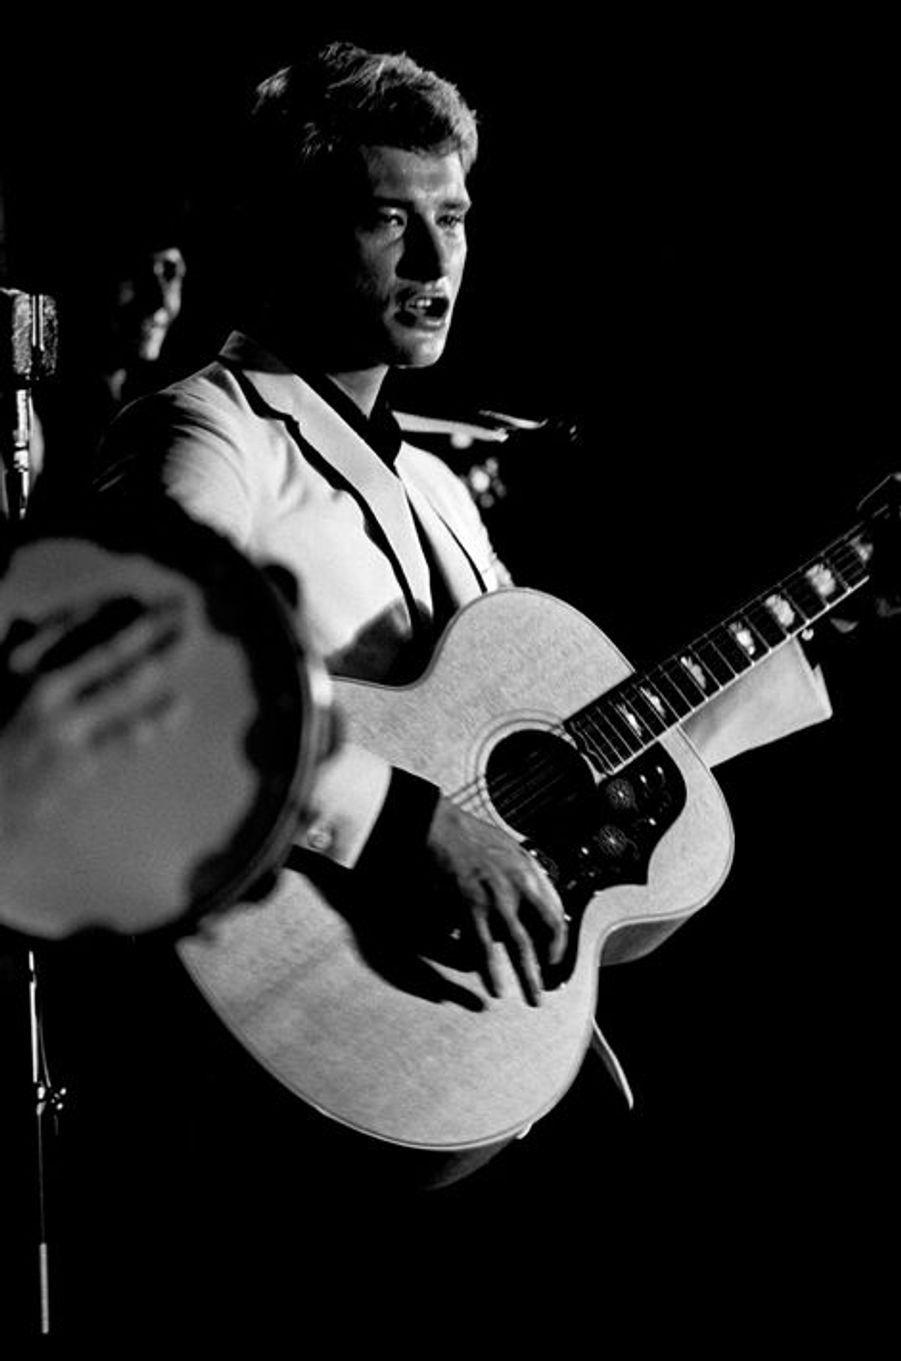 En concert à Colmar, le 6 août 1965